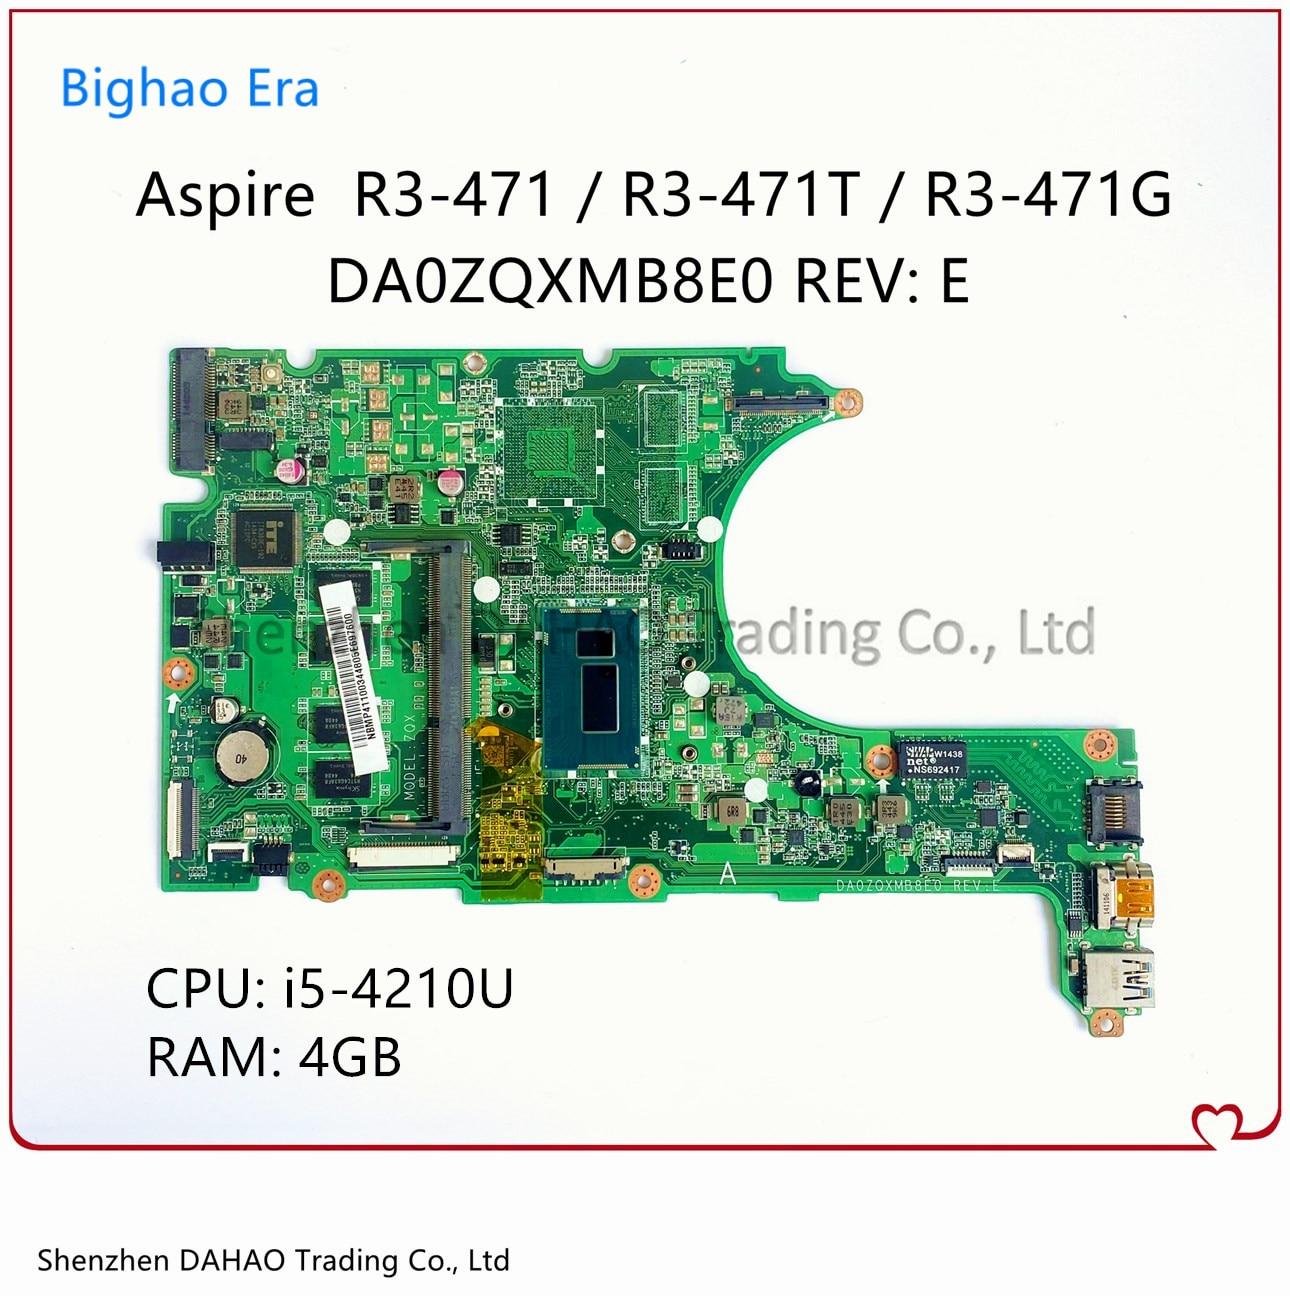 لشركة أيسر أسباير R3-471 R3-471T R3-471G اللوحة المحمول مع i5-4210U 4G-RAM NBMP411003 ملحوظة. MP411.003 DA0ZQXMB8E0 اللوحة